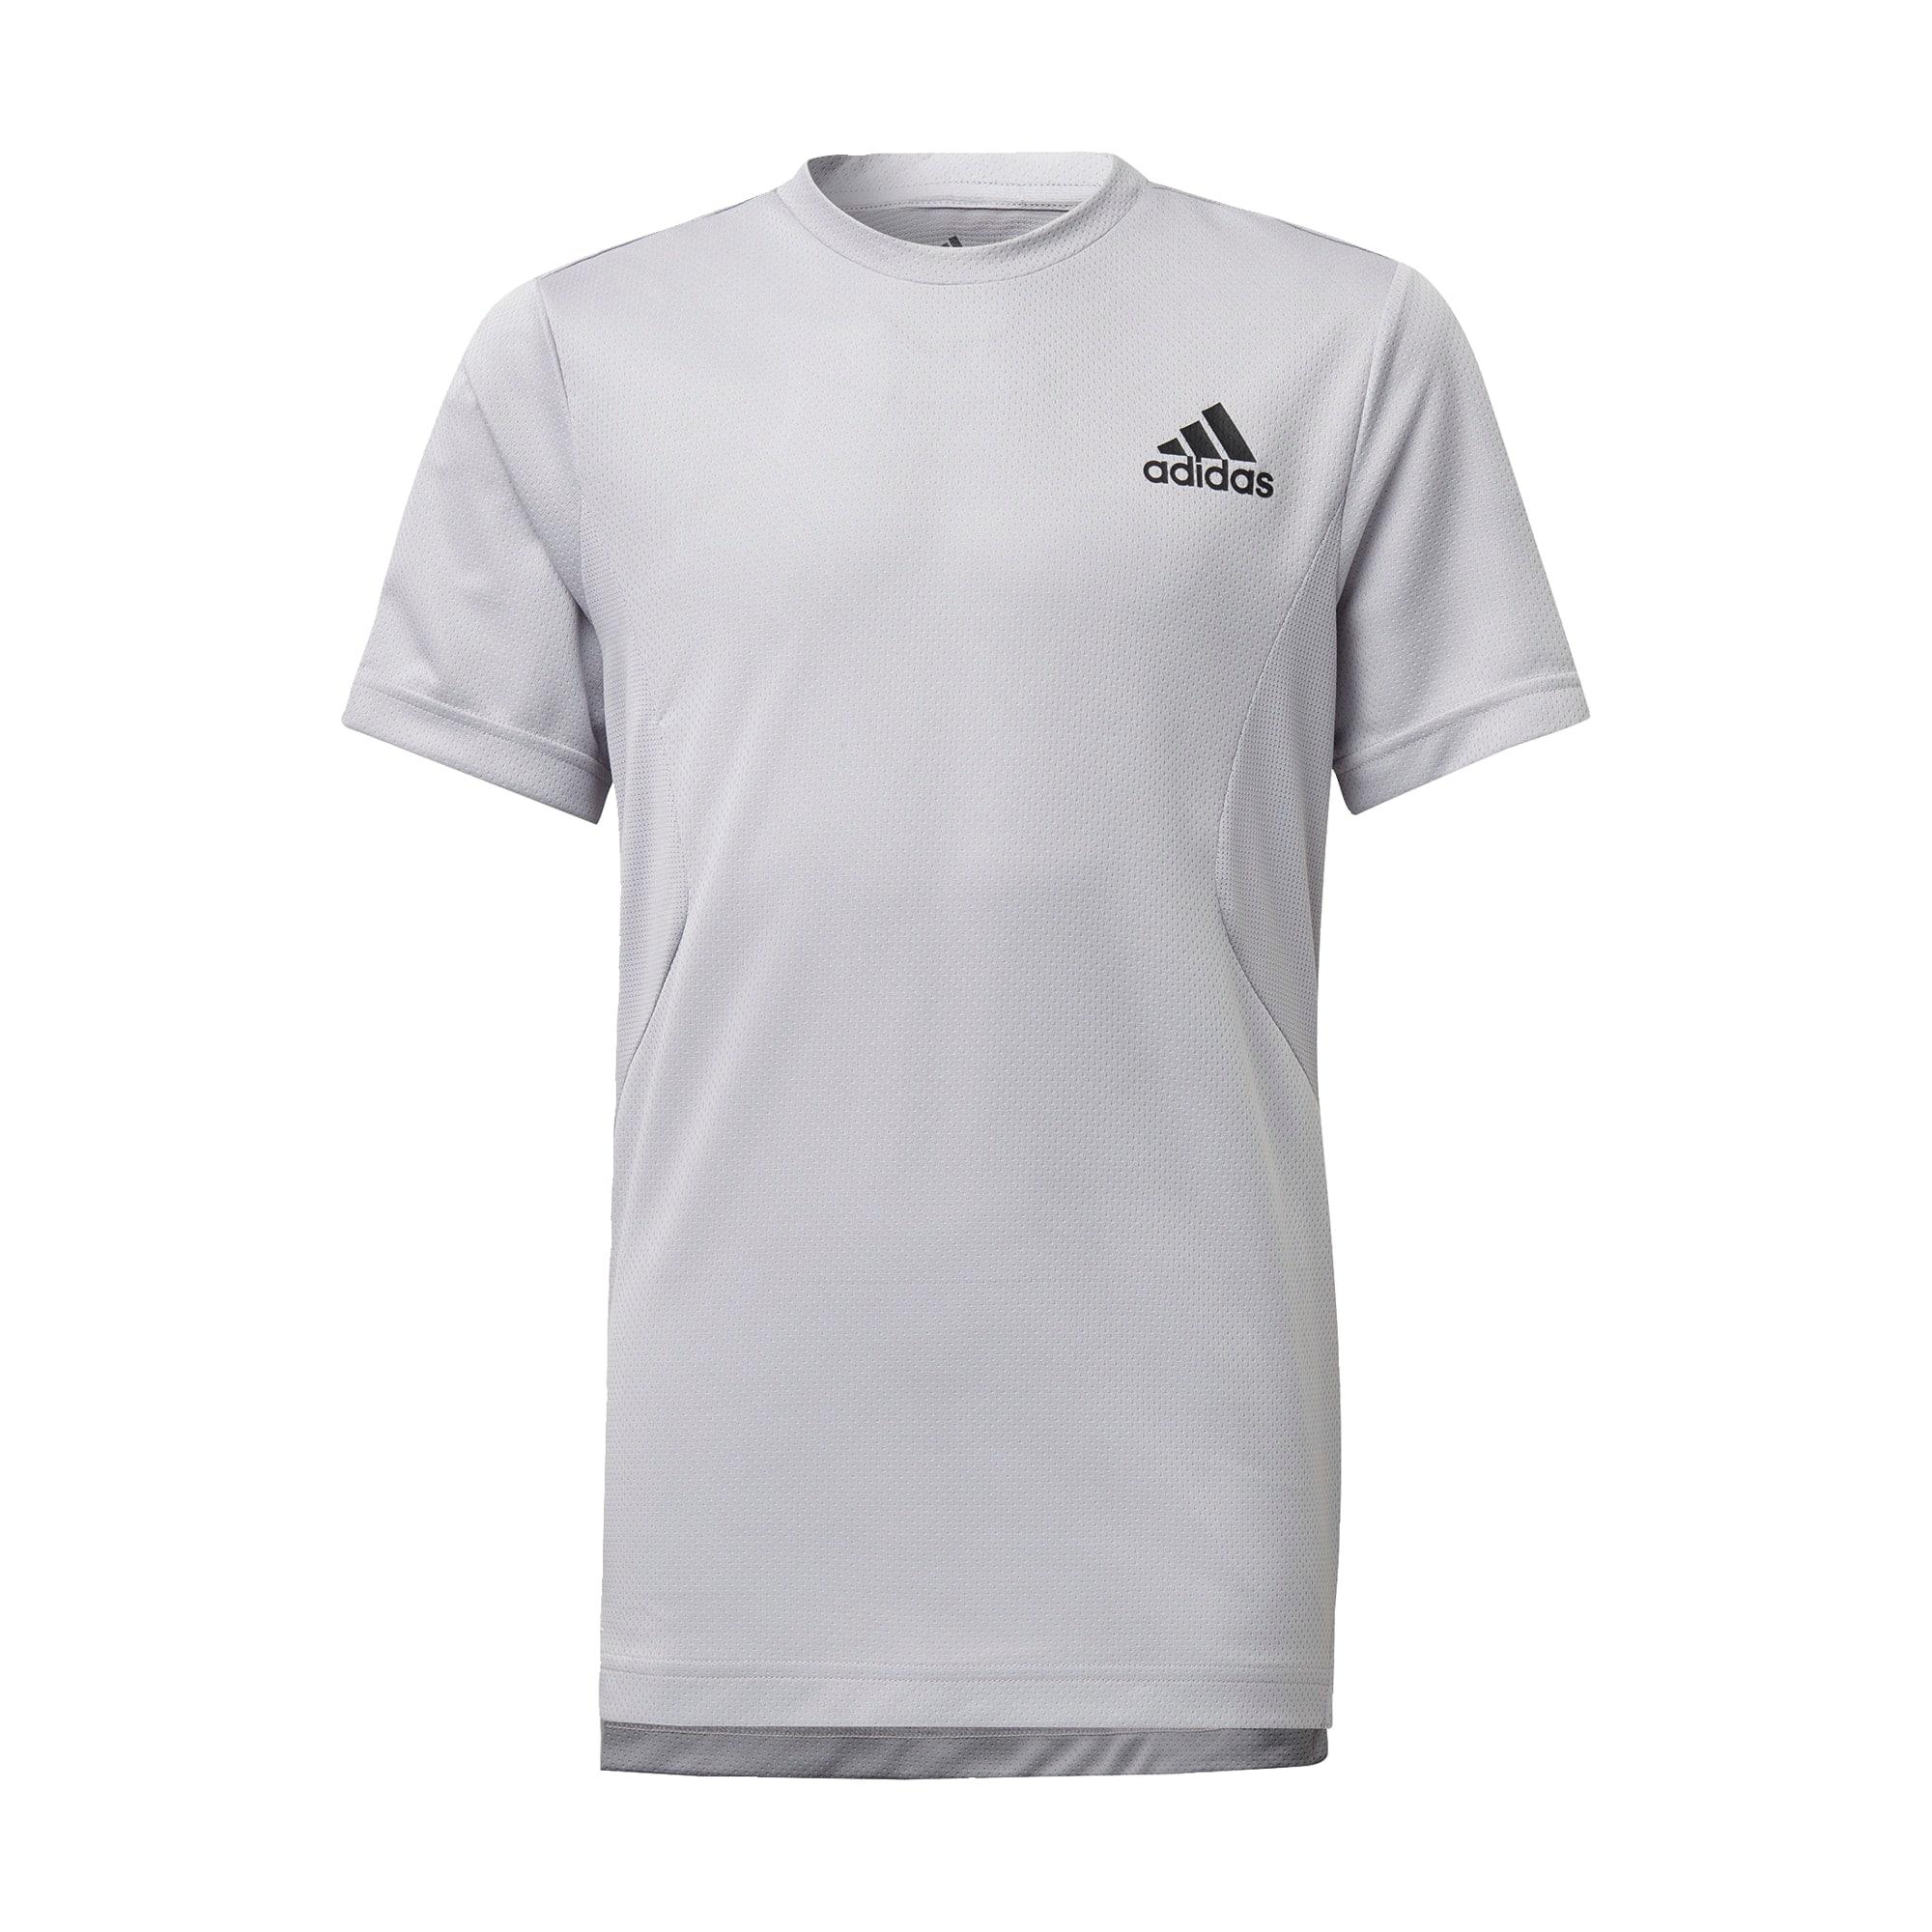 ADIDAS PERFORMANCE Sportiniai marškinėliai pilka / balta / juoda